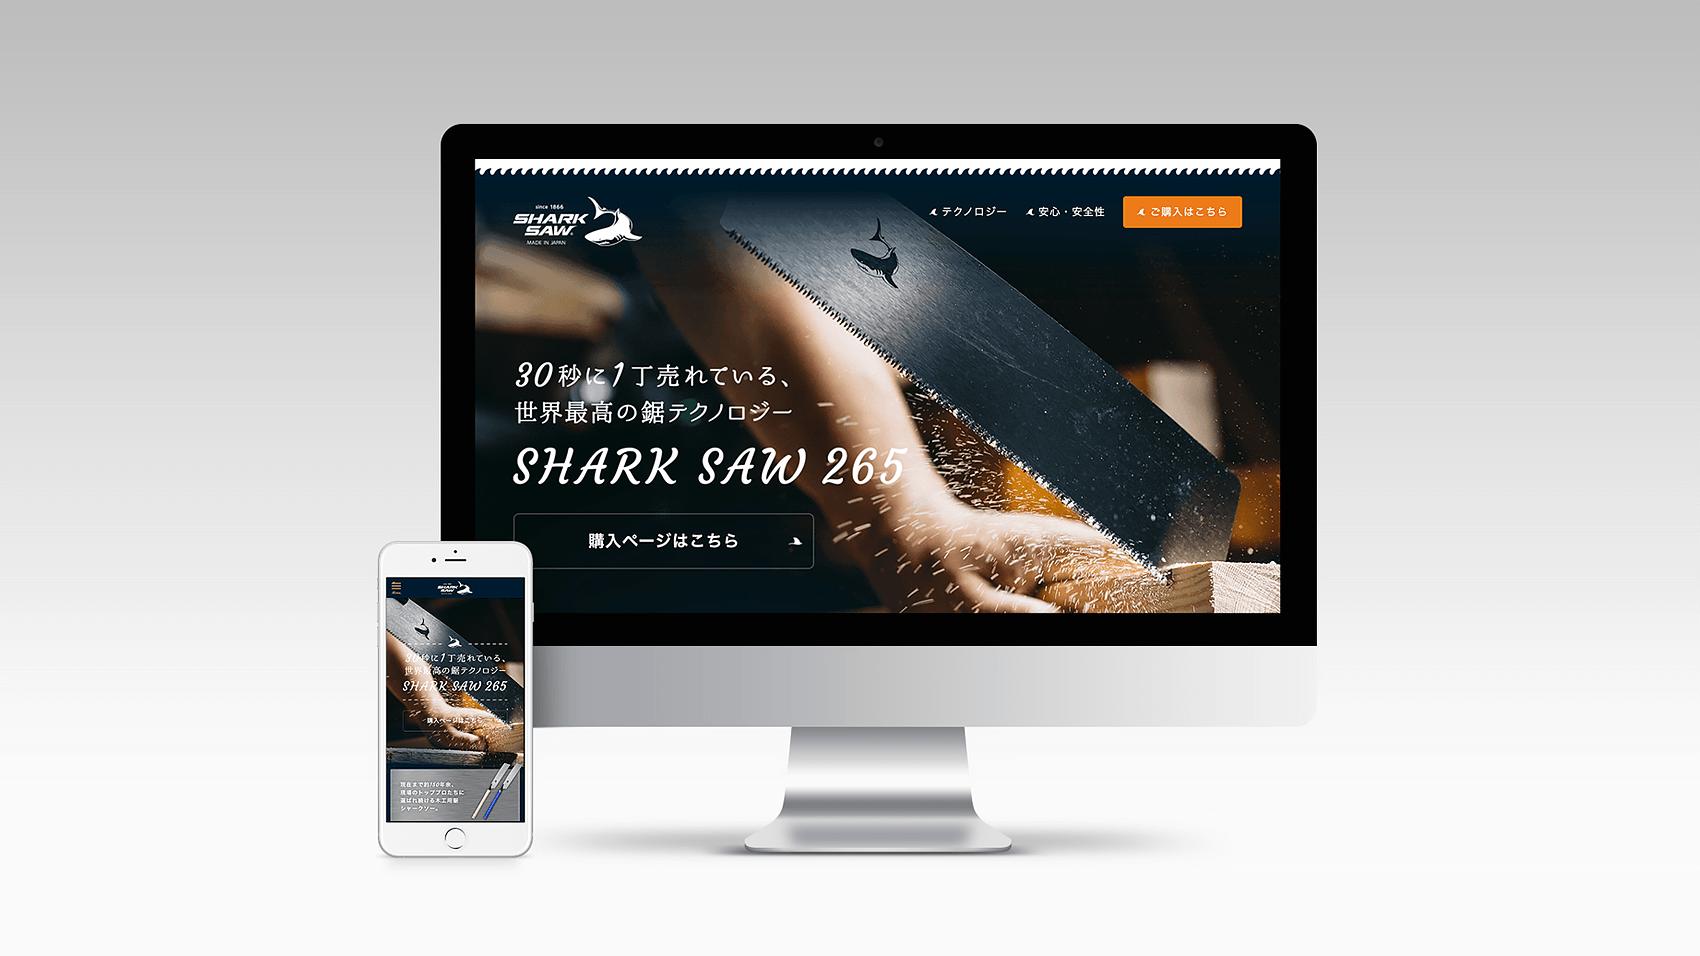 老舗ノコギリブランドSHARK SAW(シャークソー)のLPデザイン